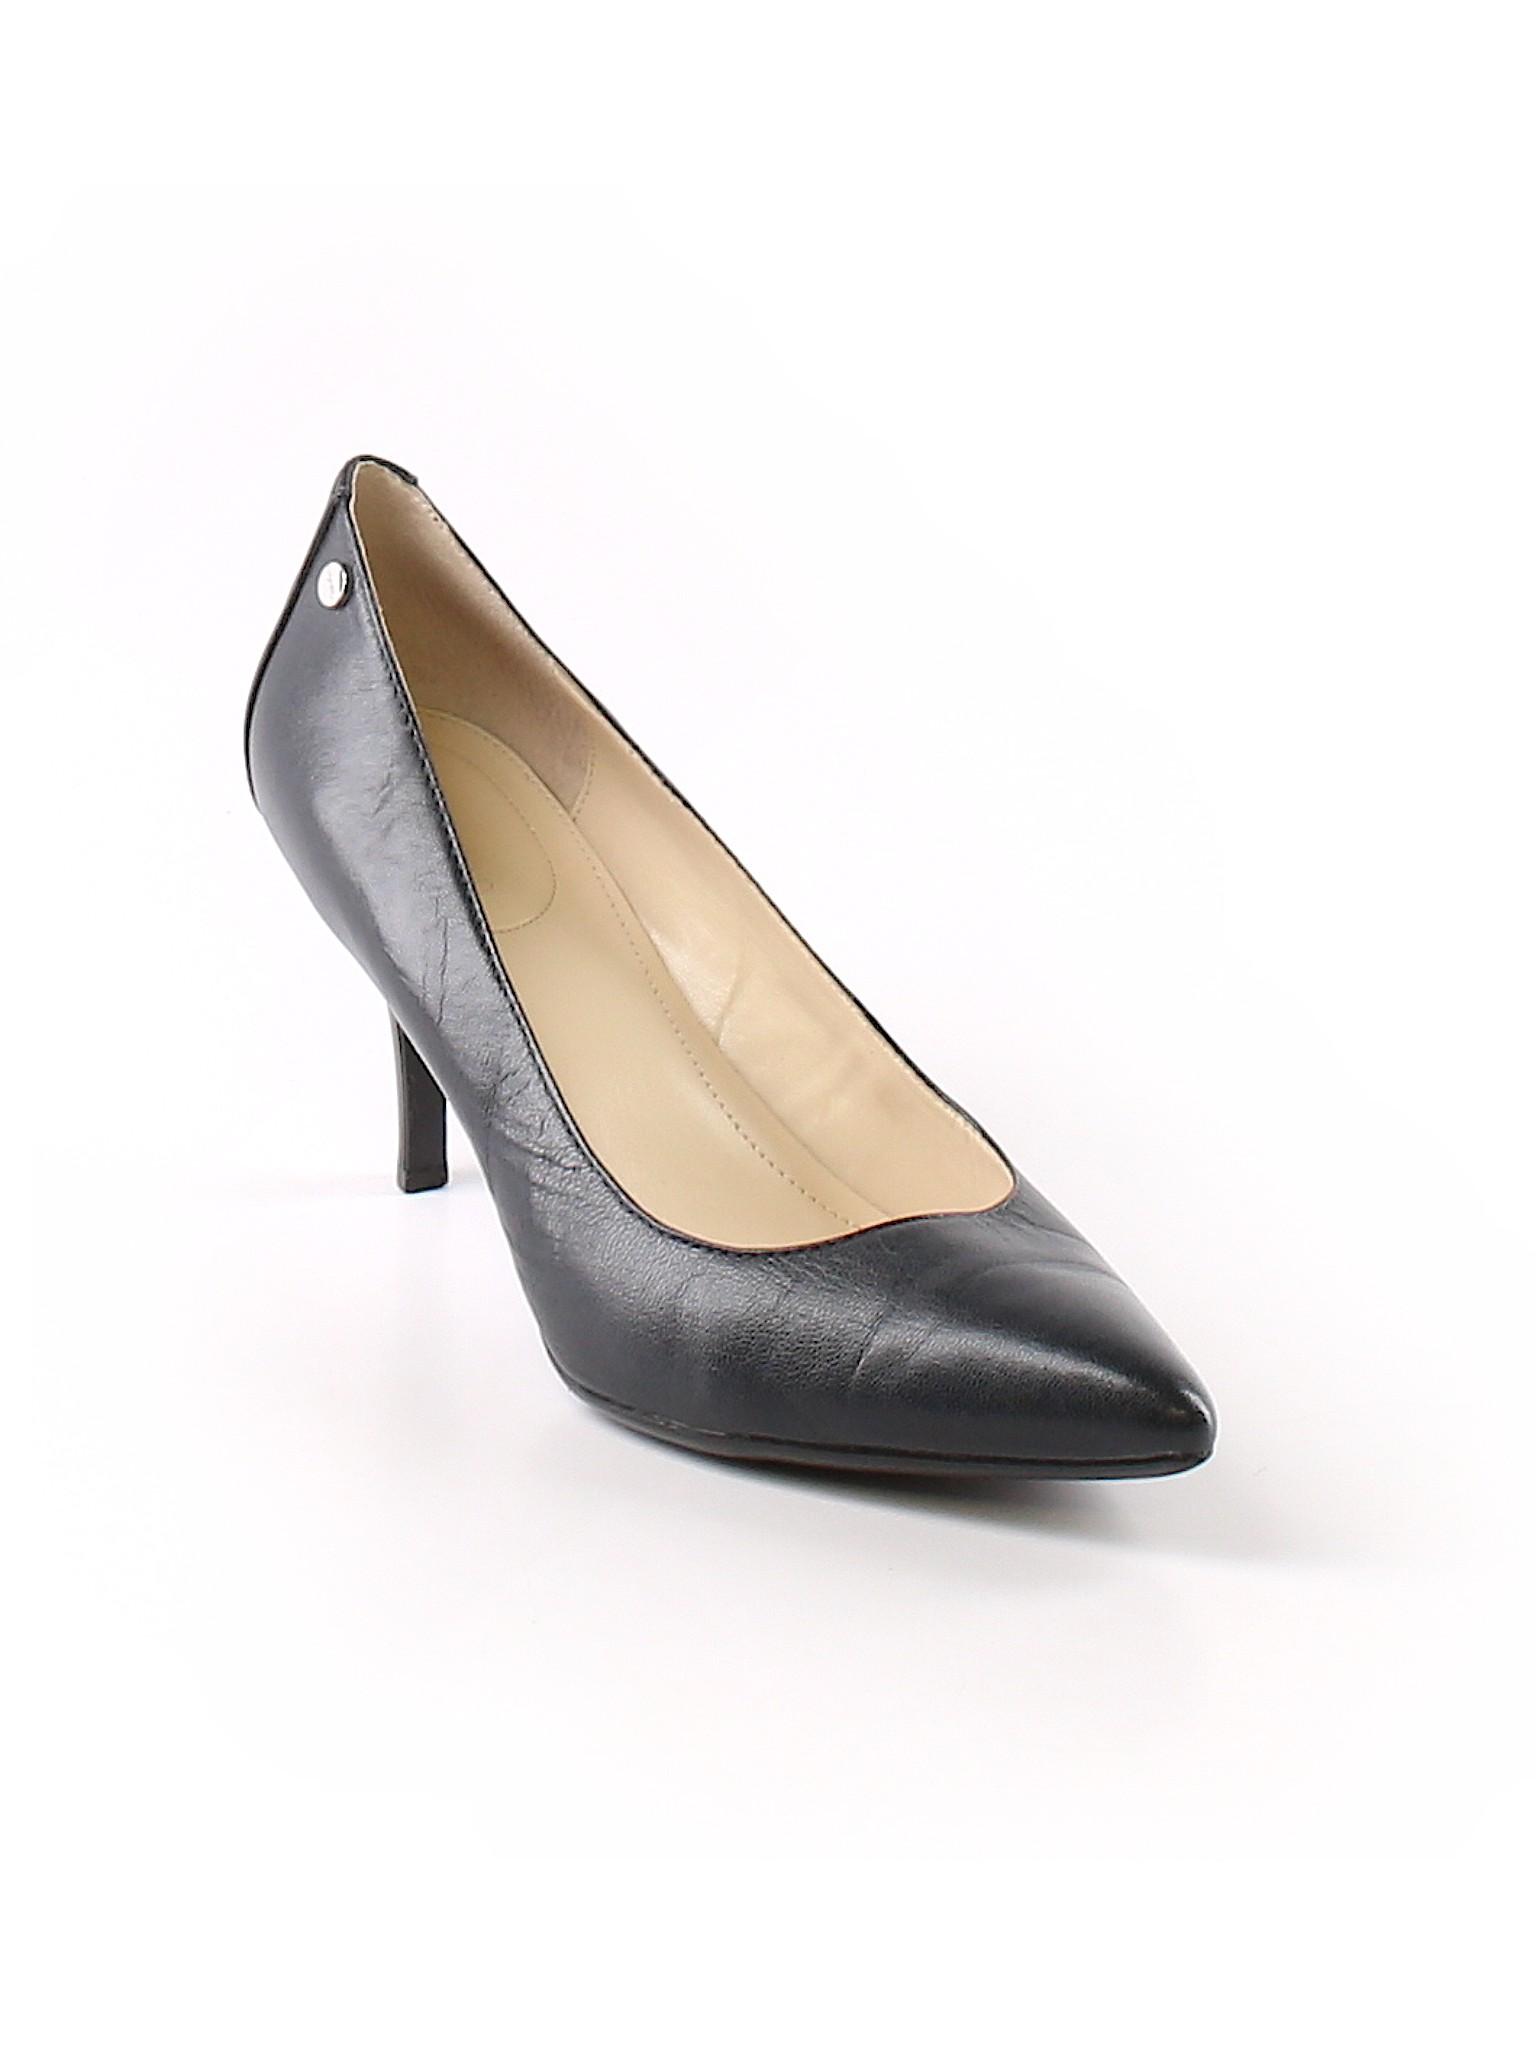 Heels promotion Boutique Calvin Boutique Klein promotion Y7RZq6WU